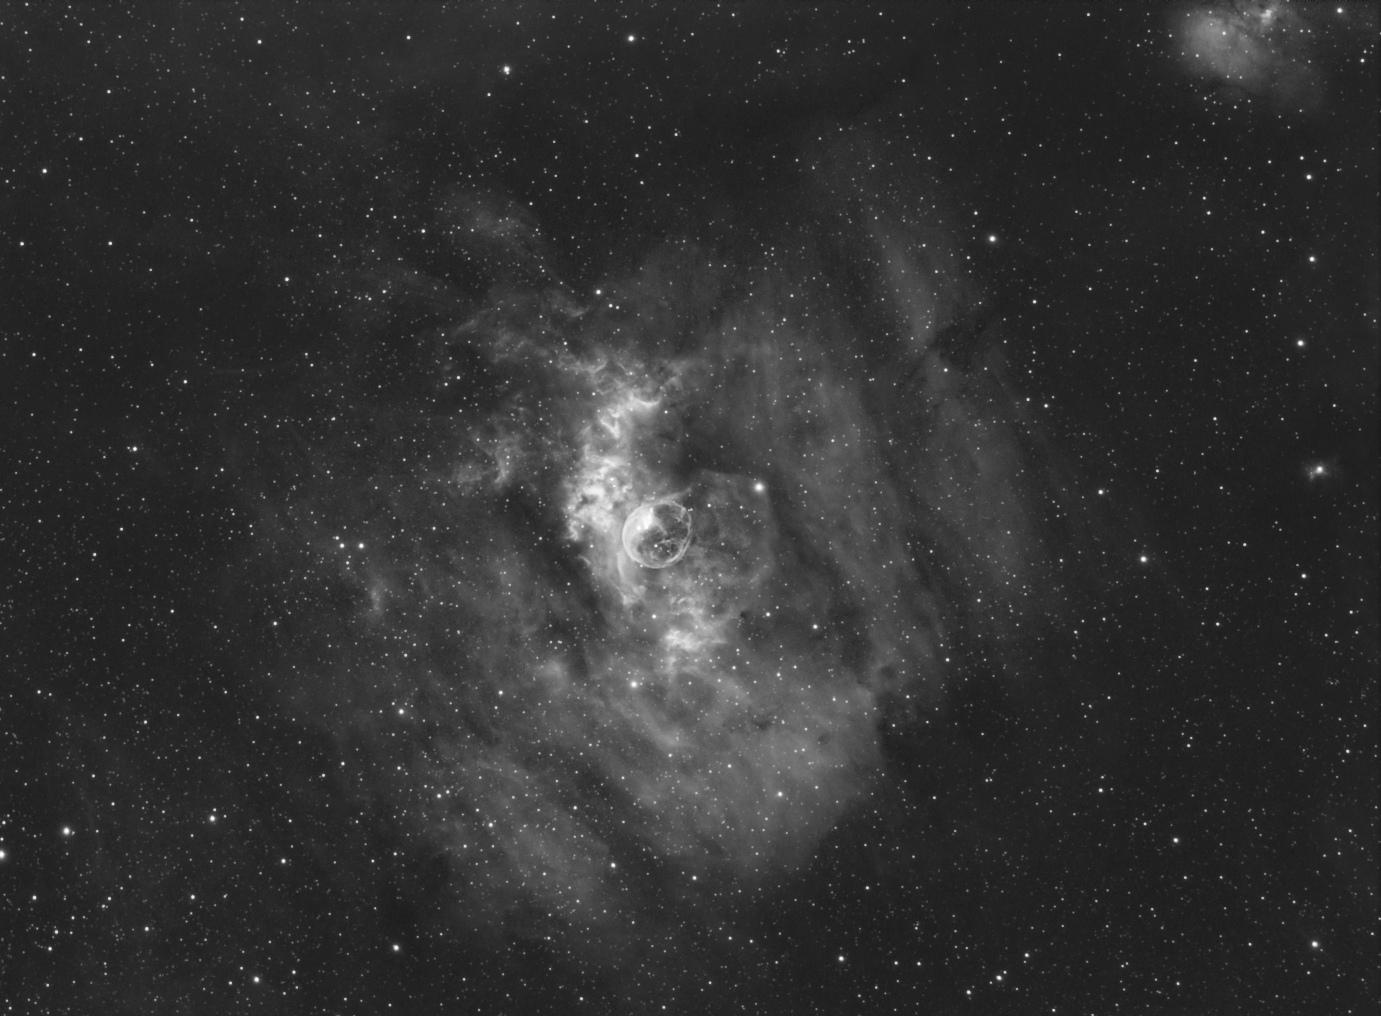 NGC-7635-Bubble-Nebula tournée.jpg